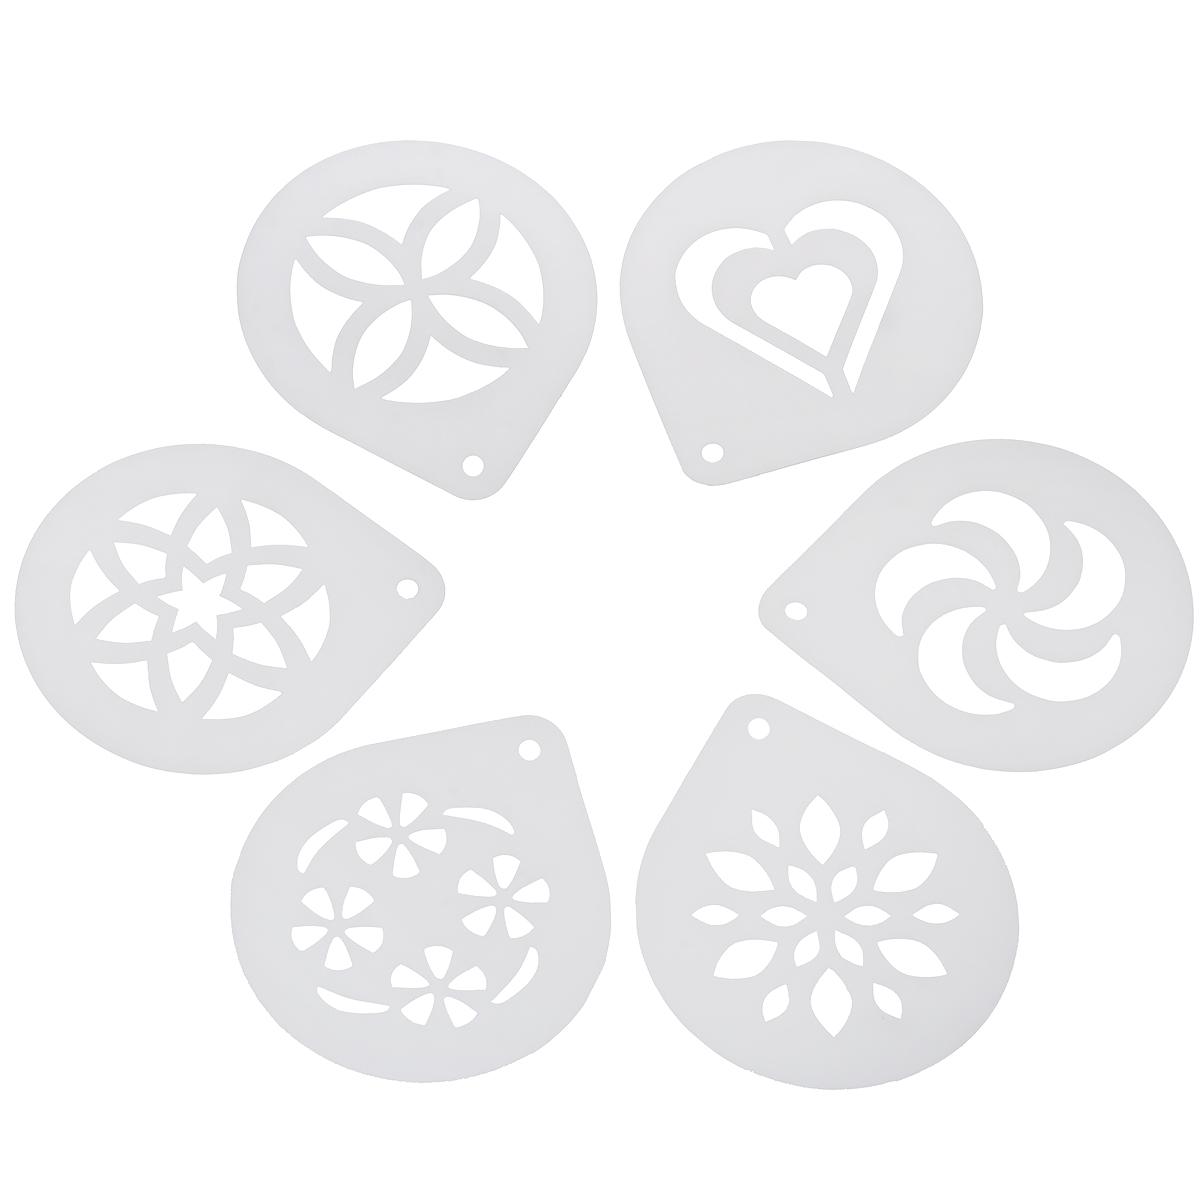 Трафареты для капучино Tescoma My Drink, 6 шт308850Трафареты для капучино Tescoma My Drink выполнены из высококачественного прочного пластика. В наборе 6 различных трафаретов, которые идеально подходят для стильного украшения пены капучино. Шаблон необходимо поместить чуть выше пены и слегка посыпать корицей или какао. Можно мыть в посудомоечной машине. Размер трафарета: 11,5 см х 10 см.